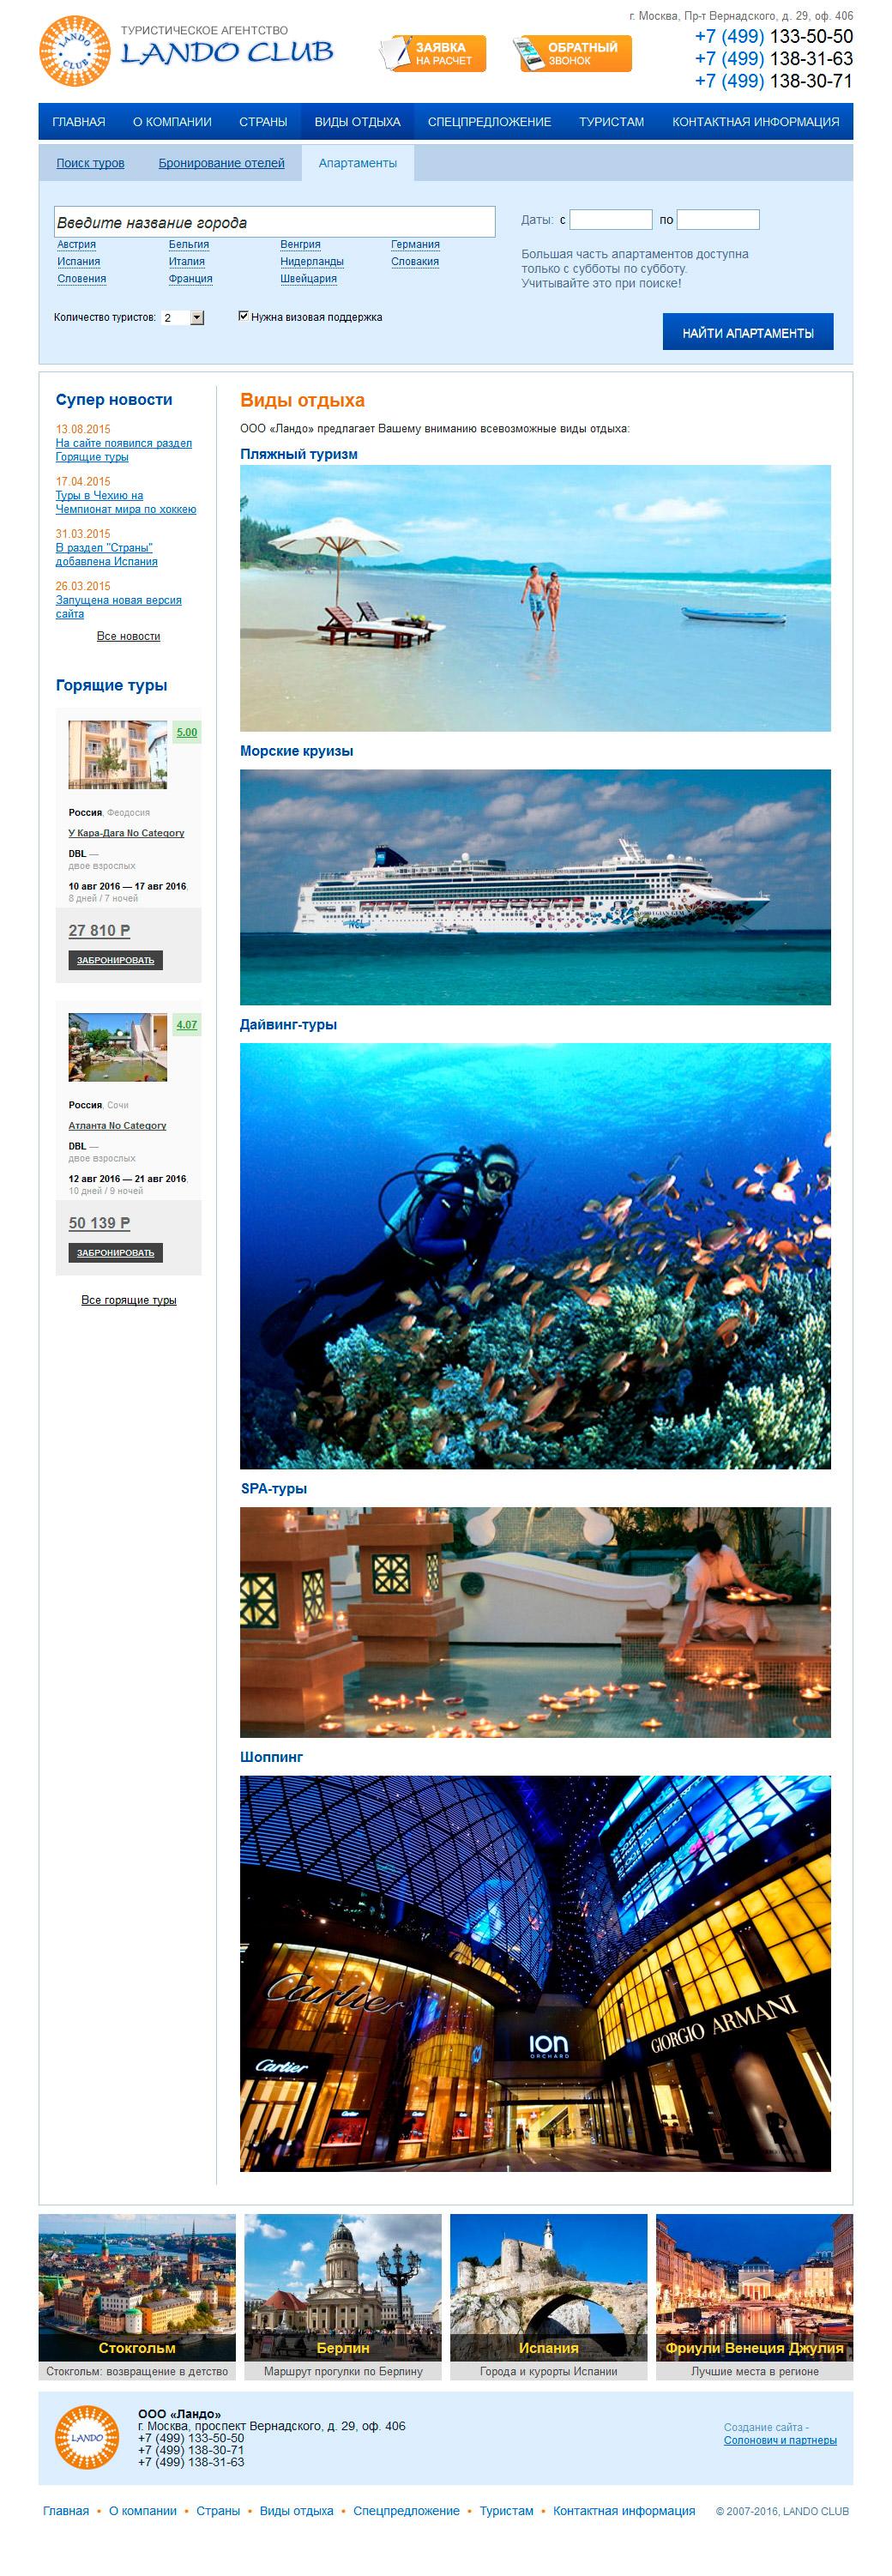 Страница с видами предлагаемых туров